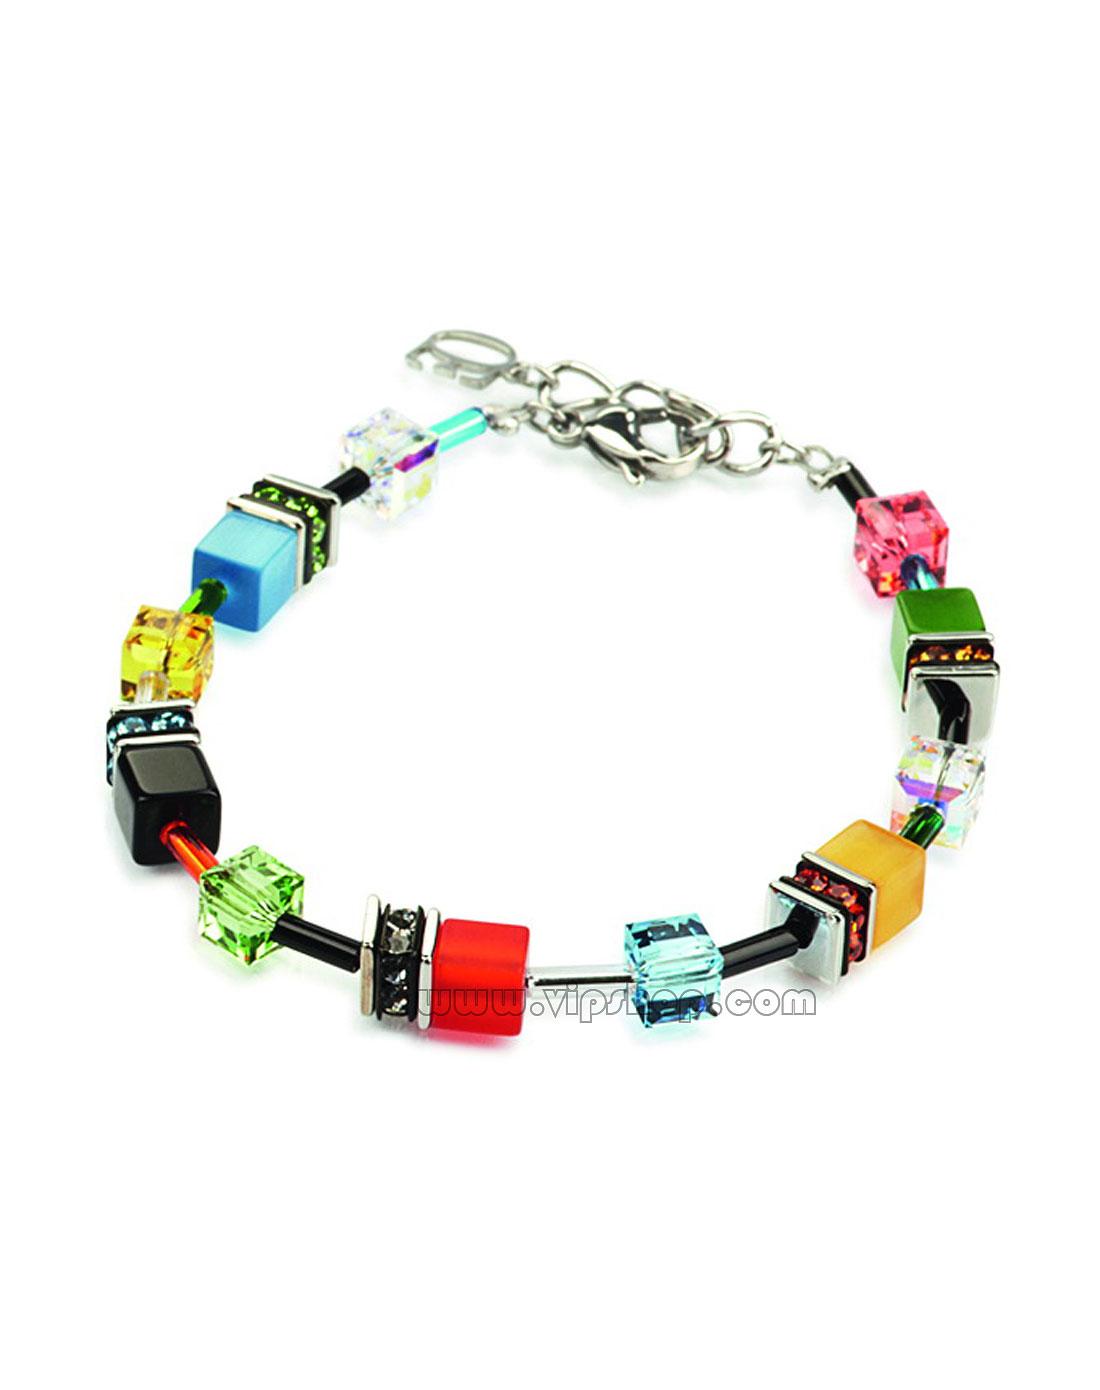 手工制作暖色系方形彩色亚克力/猫眼石/施华洛世奇水晶串珠款手链